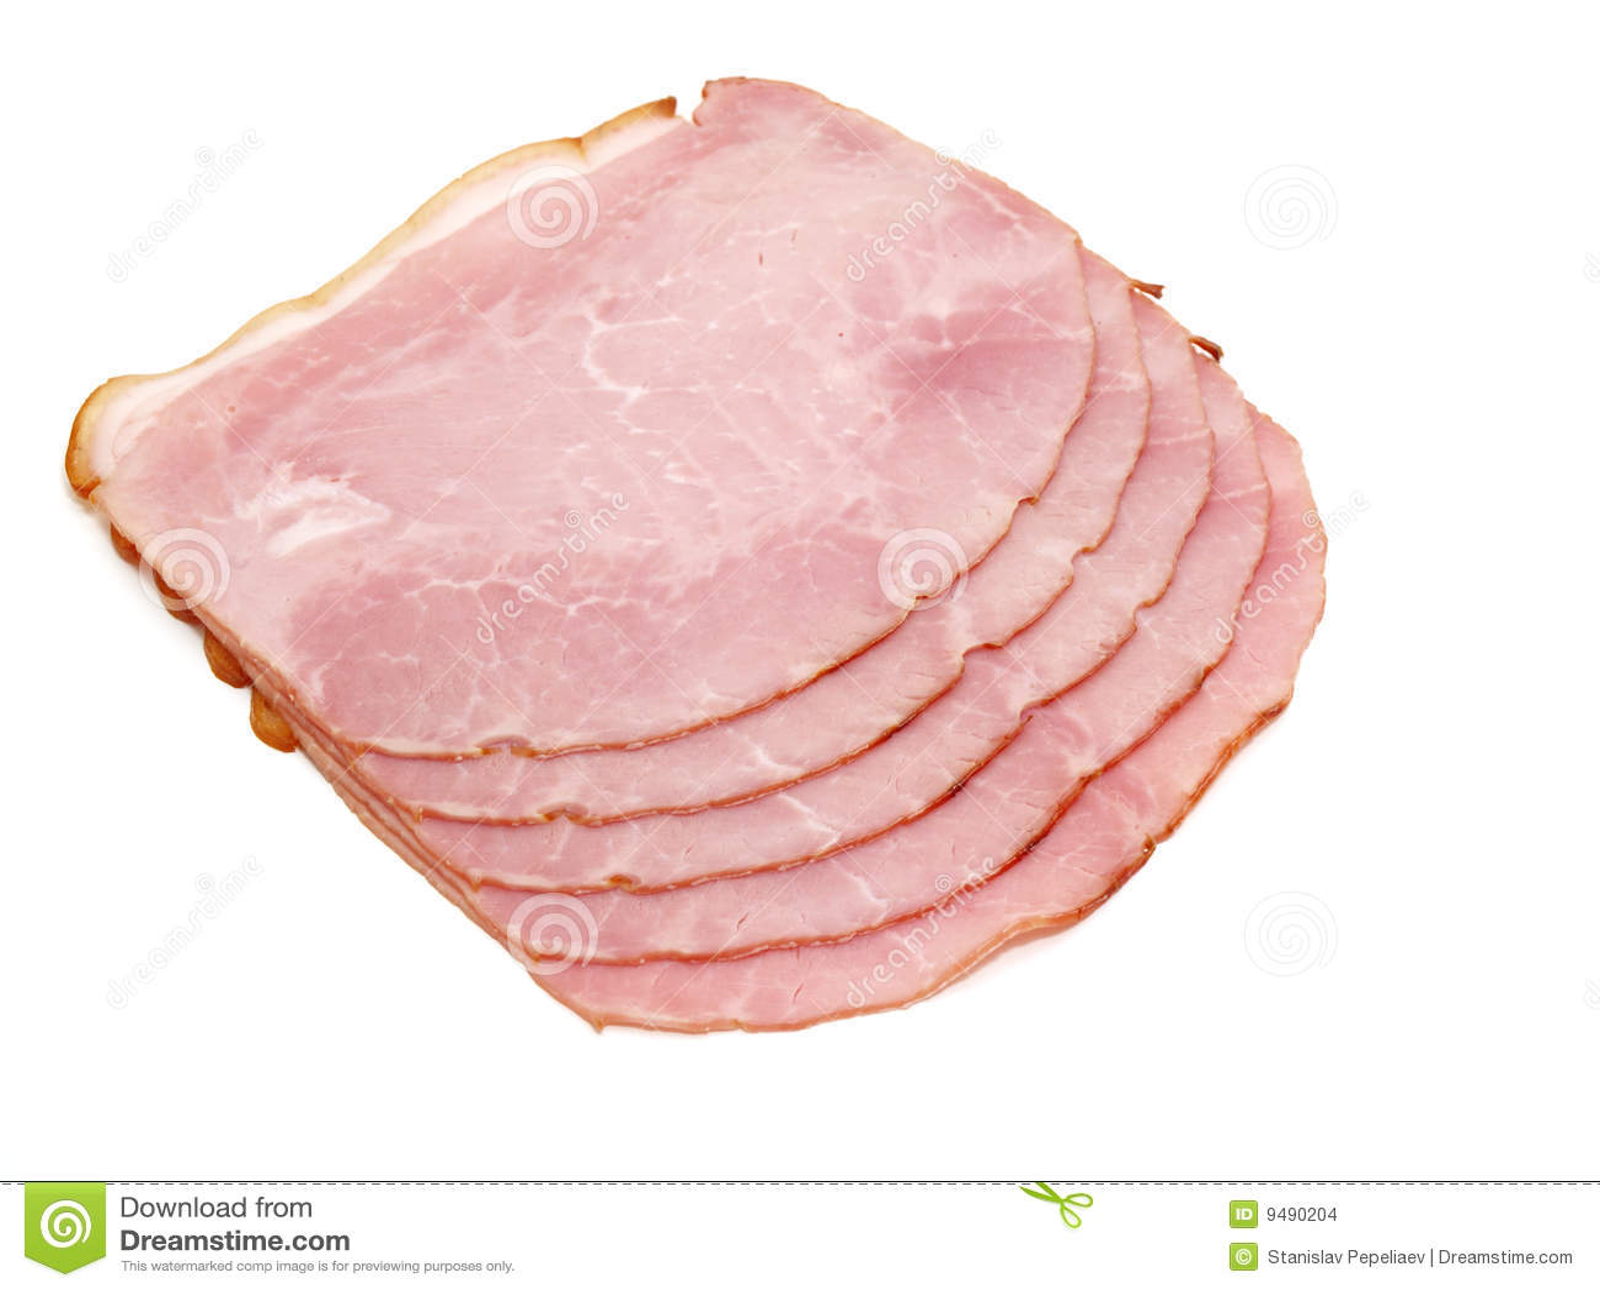 ham brawn yummy - photo #14